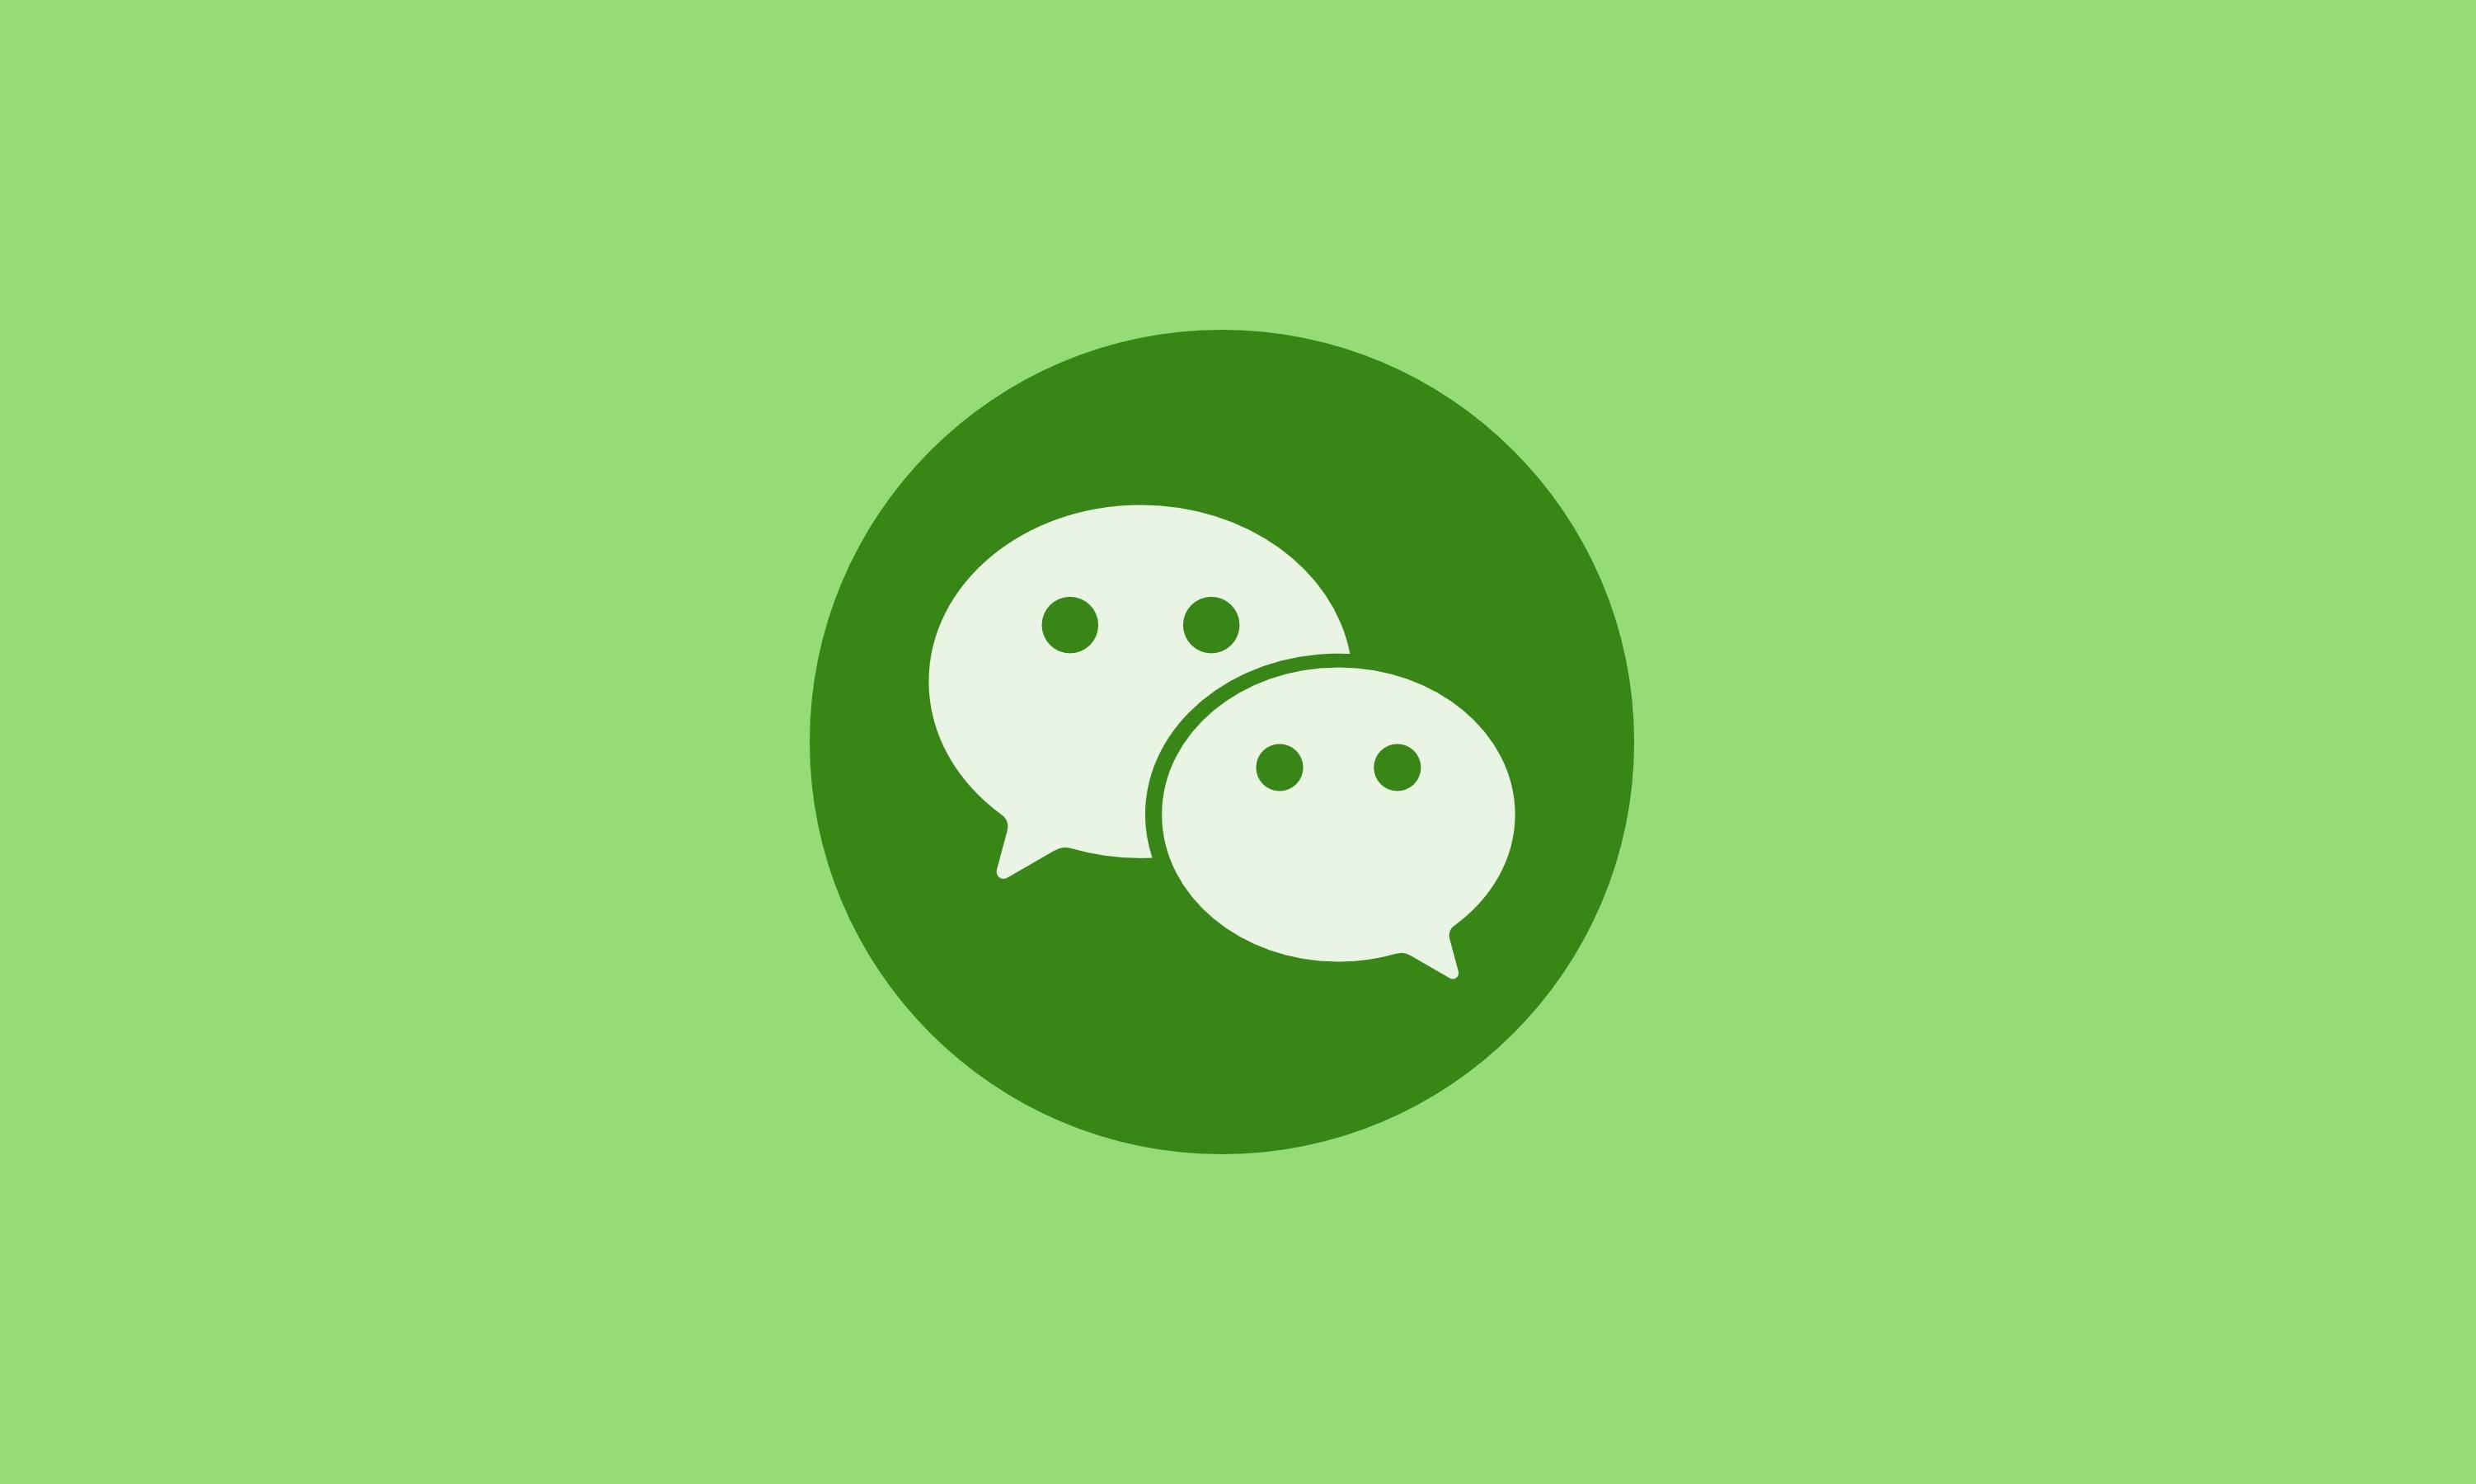 1300家公司的「上下班时间表」火遍全网;微信语音会自动播放朋友圈